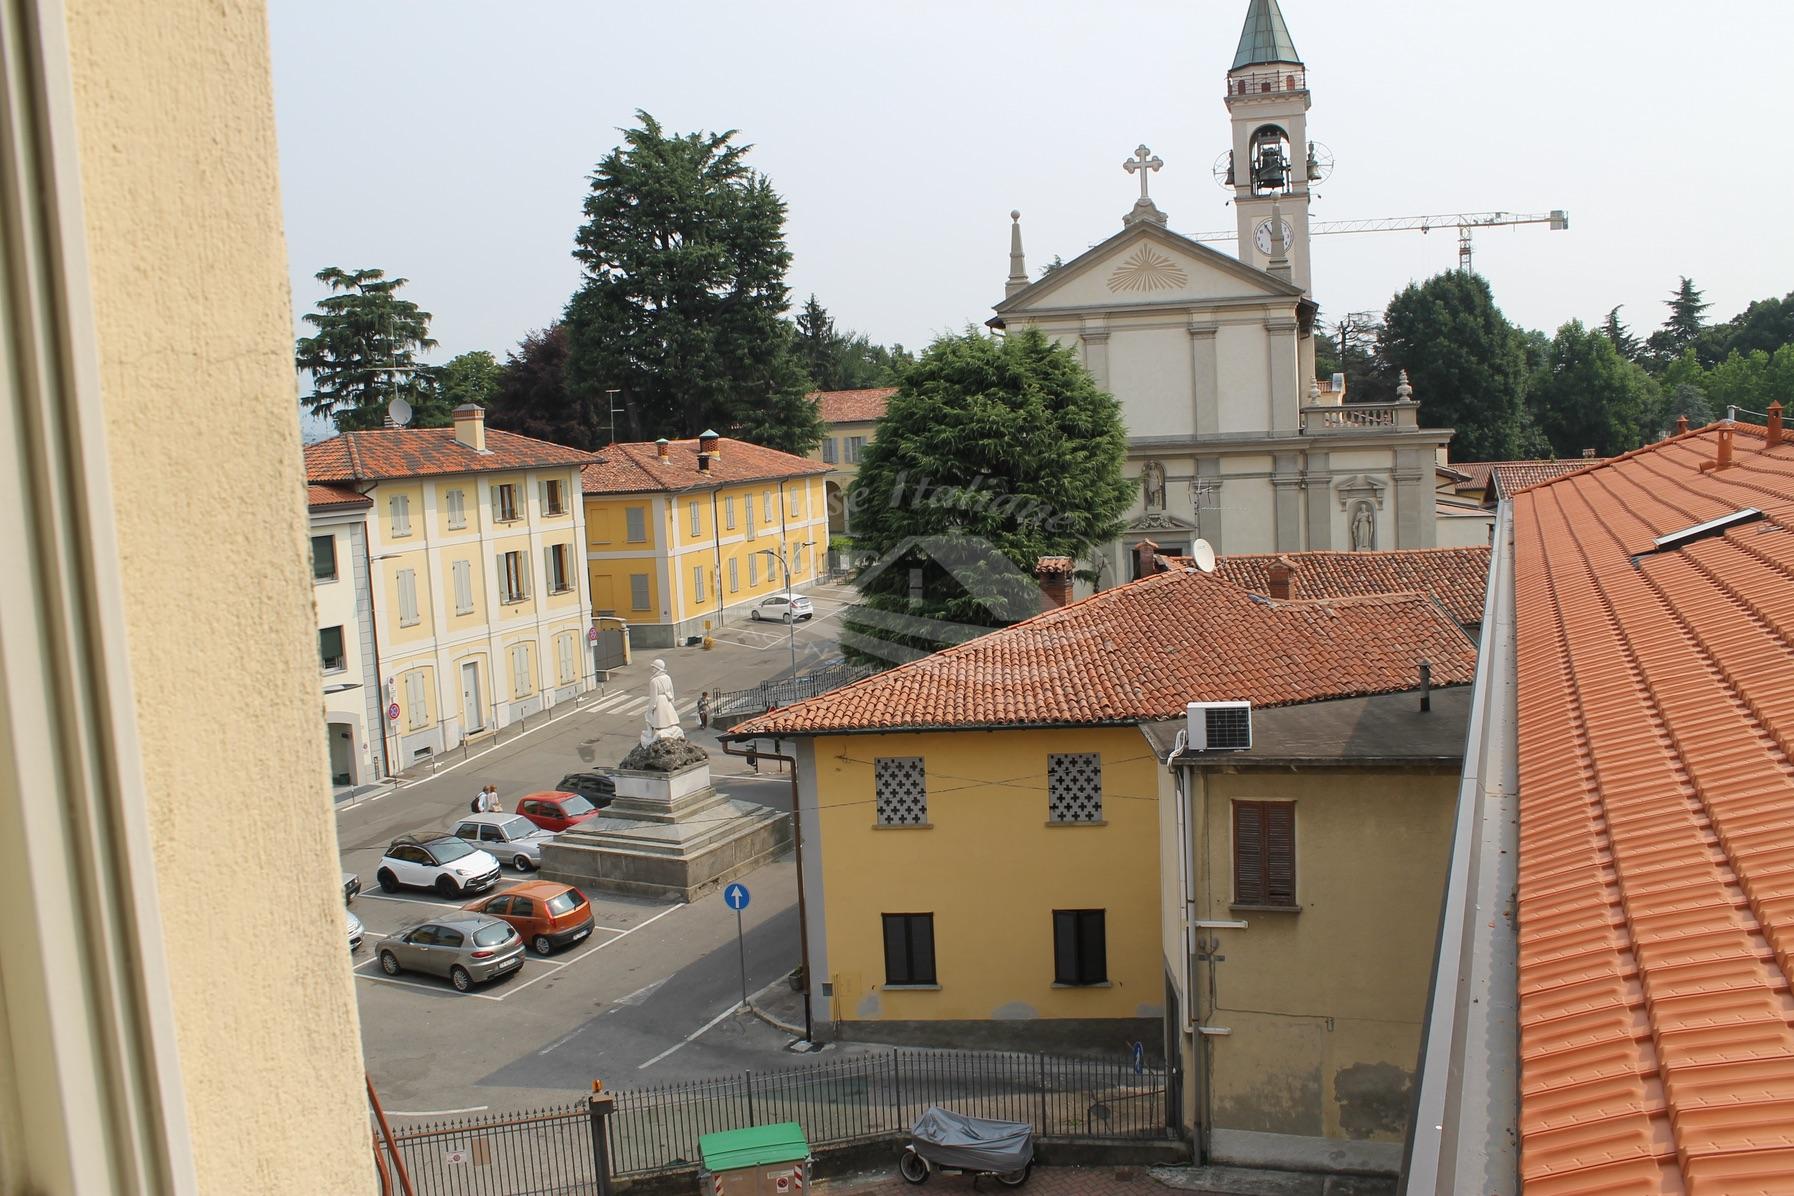 Foto immobili 018 case italiane agenzia immobiliare cant for Case italiane immobiliare